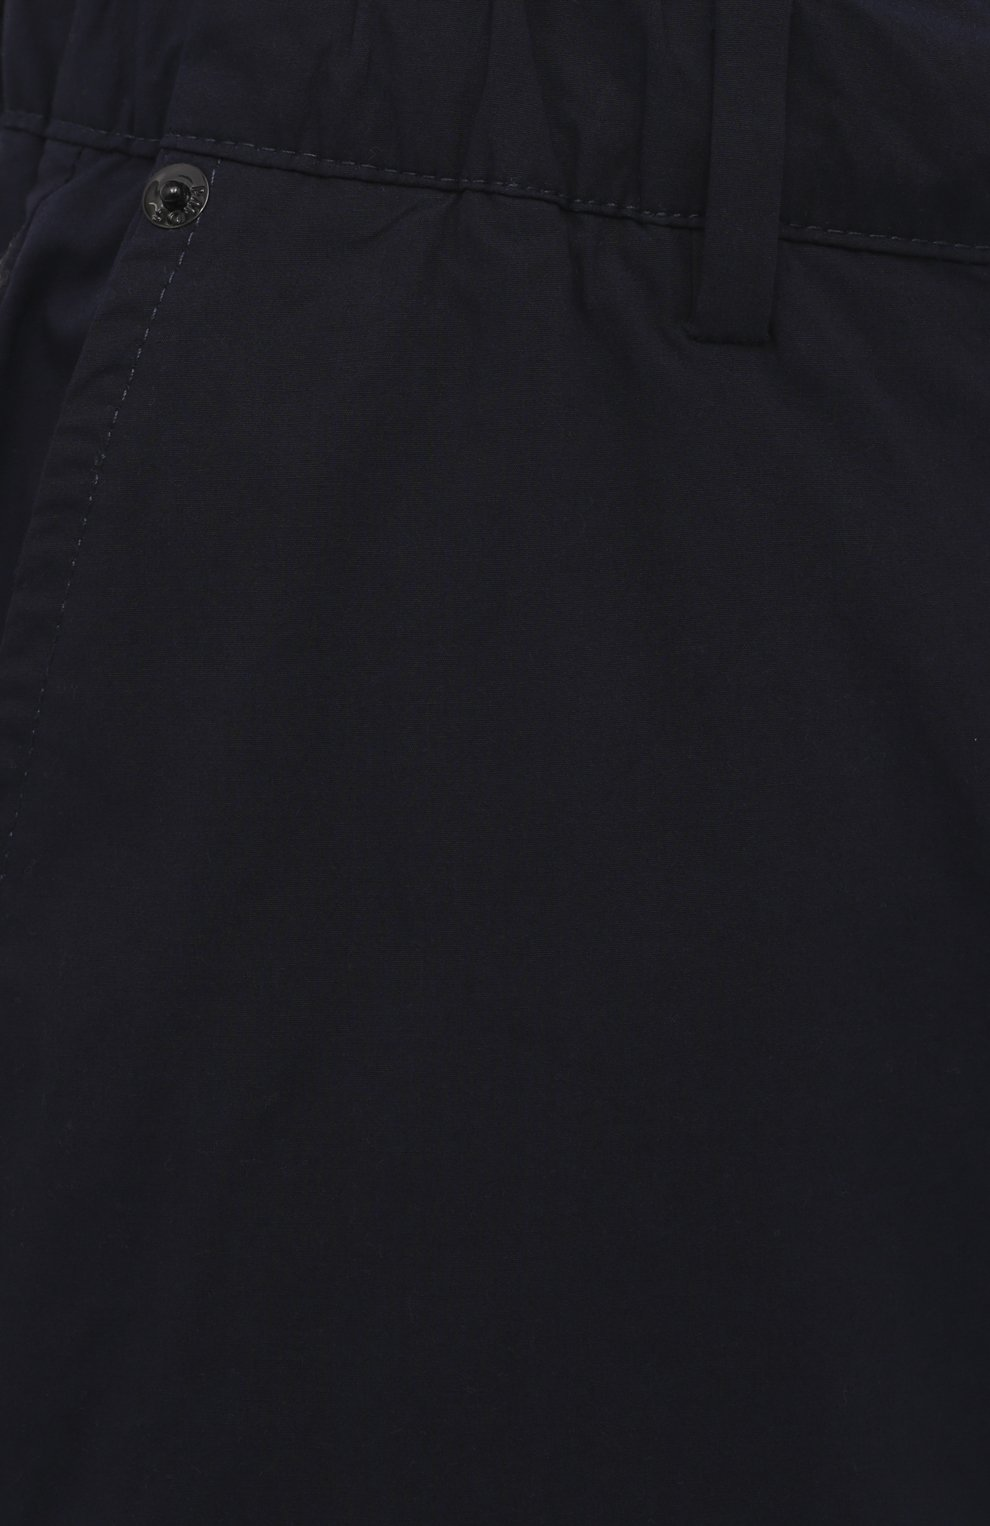 Мужские хлопковые брюки-карго PREMIUM MOOD DENIM SUPERIOR темно-синего цвета, арт. S21 04177524/MIK | Фото 5 (Силуэт М (брюки): Карго; Случай: Повседневный; Стили: Гранж; Материал внешний: Хлопок; Длина (брюки, джинсы): Укороченные)